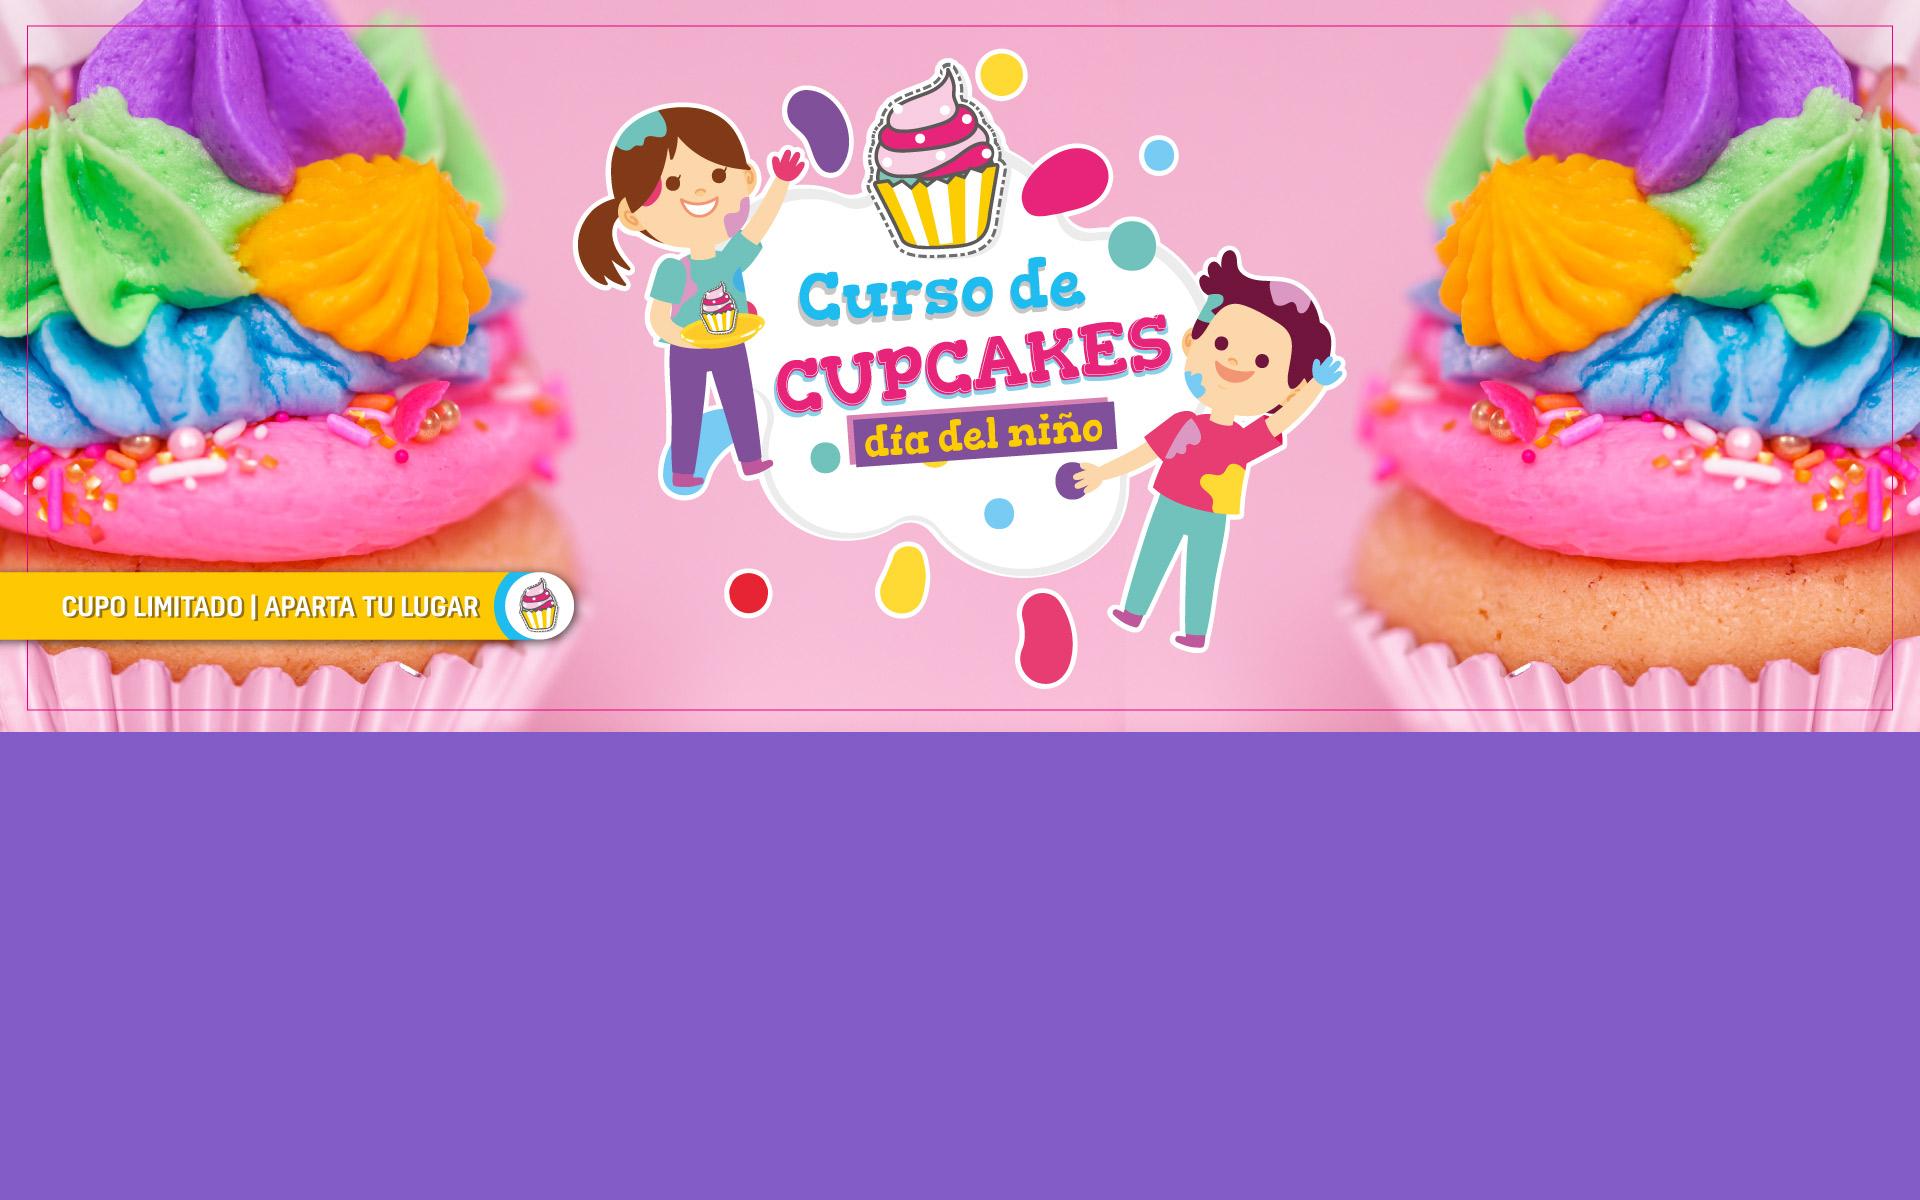 Curso de Cupcakes día del niño